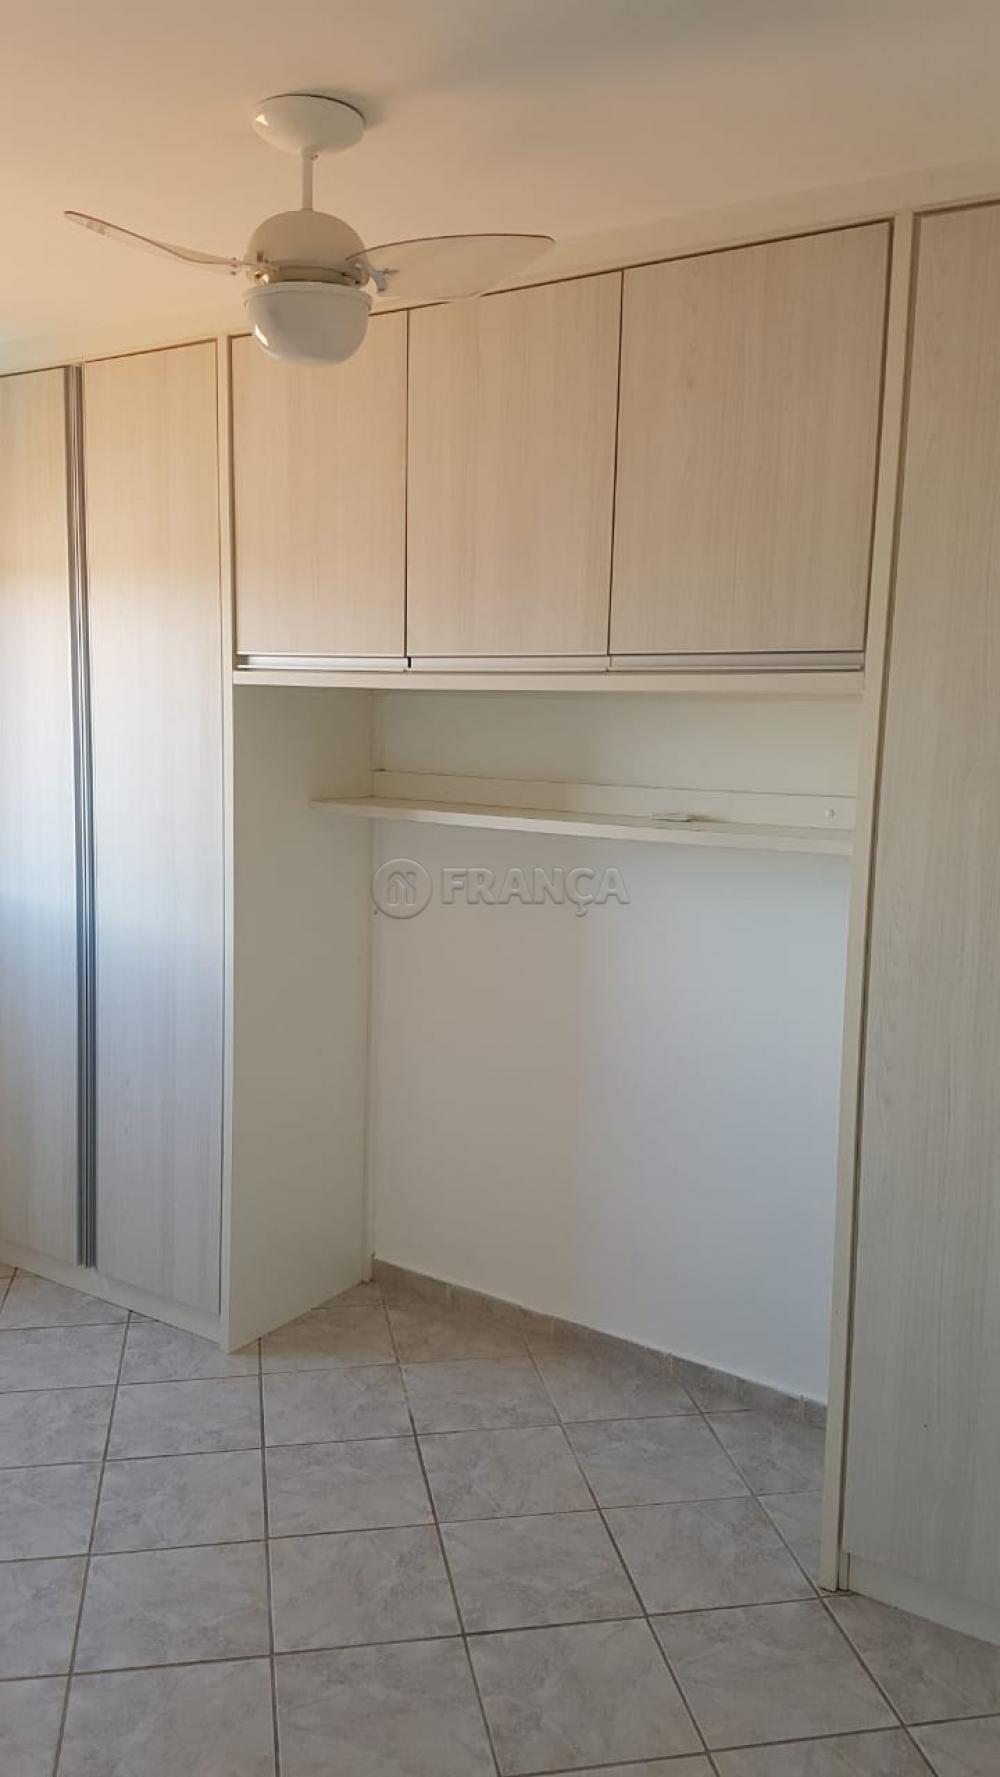 Alugar Apartamento / Padrão em São José dos Campos R$ 900,00 - Foto 7